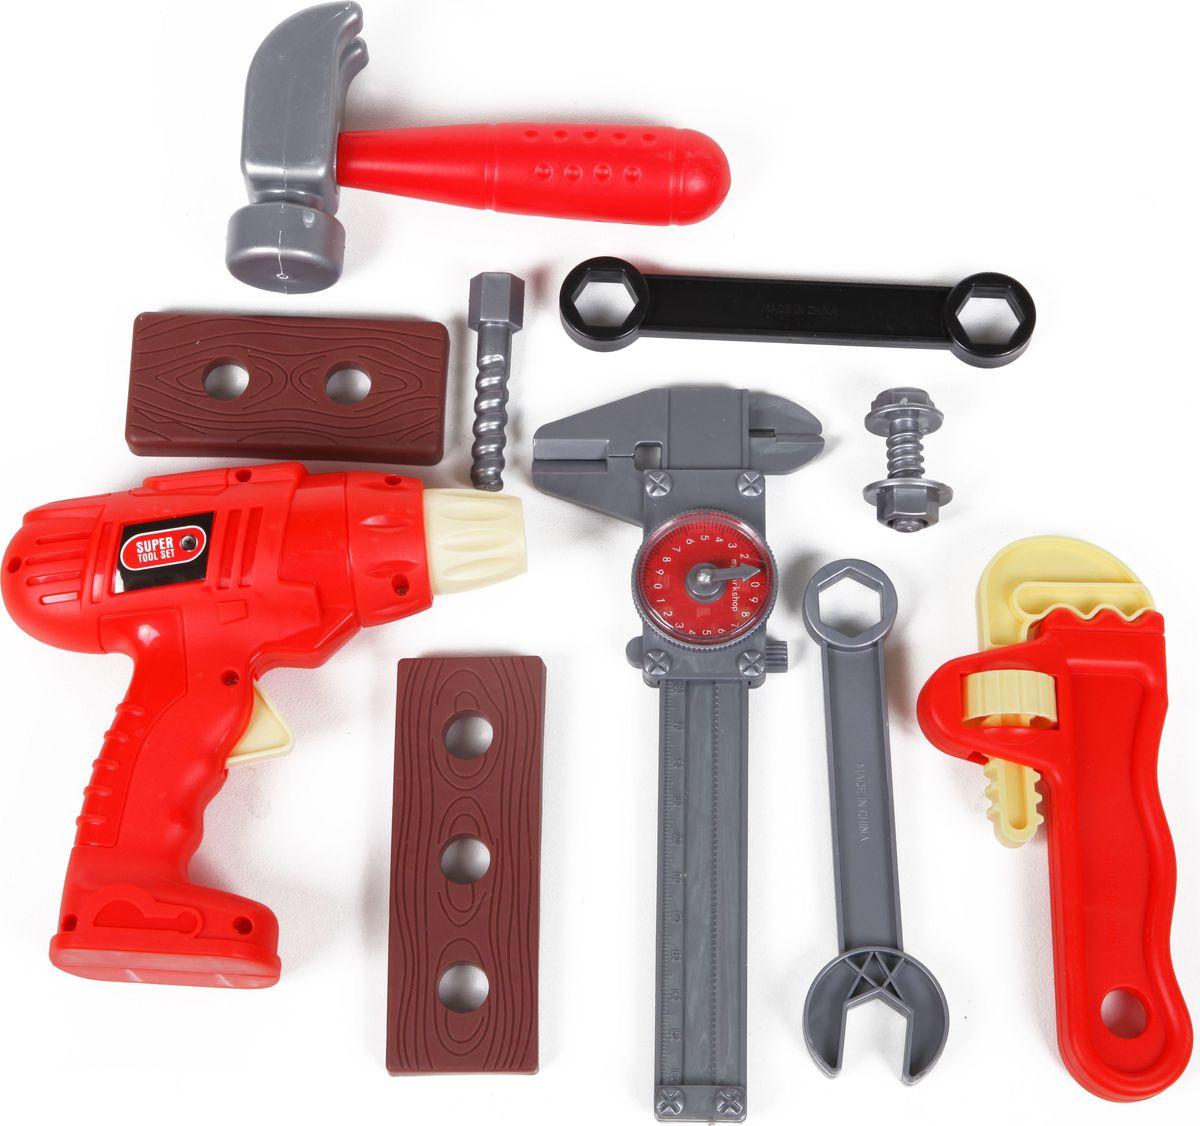 Yako Игровой набор маленького строителя Tool set Y12613033  игрушечные инструменты pilsan инструменты tool set